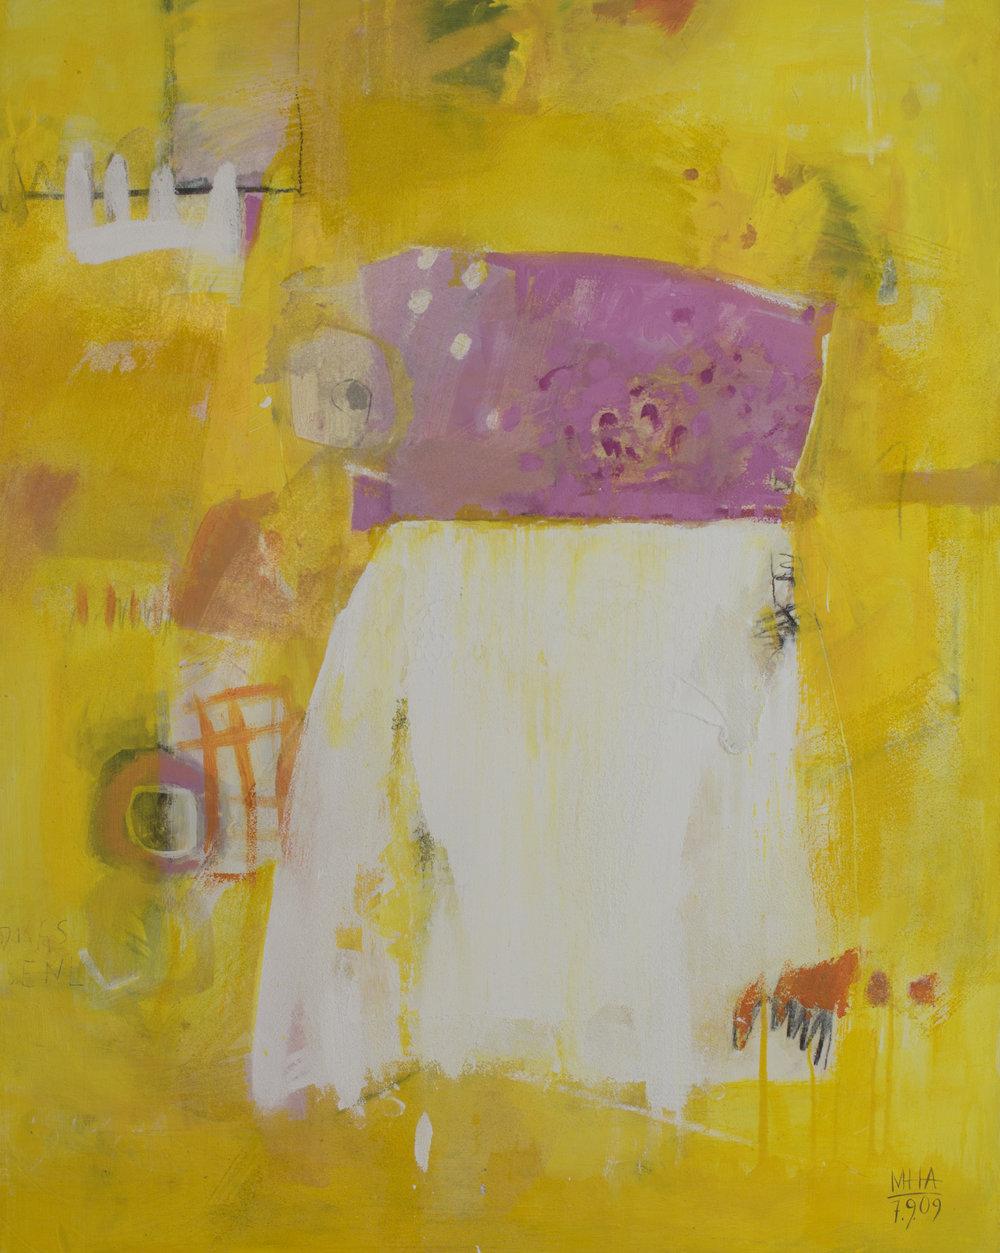 Kleid auf gelben Grund , 2009,Acryl auf Leinwand - Mischtechnik, 80x100 cm